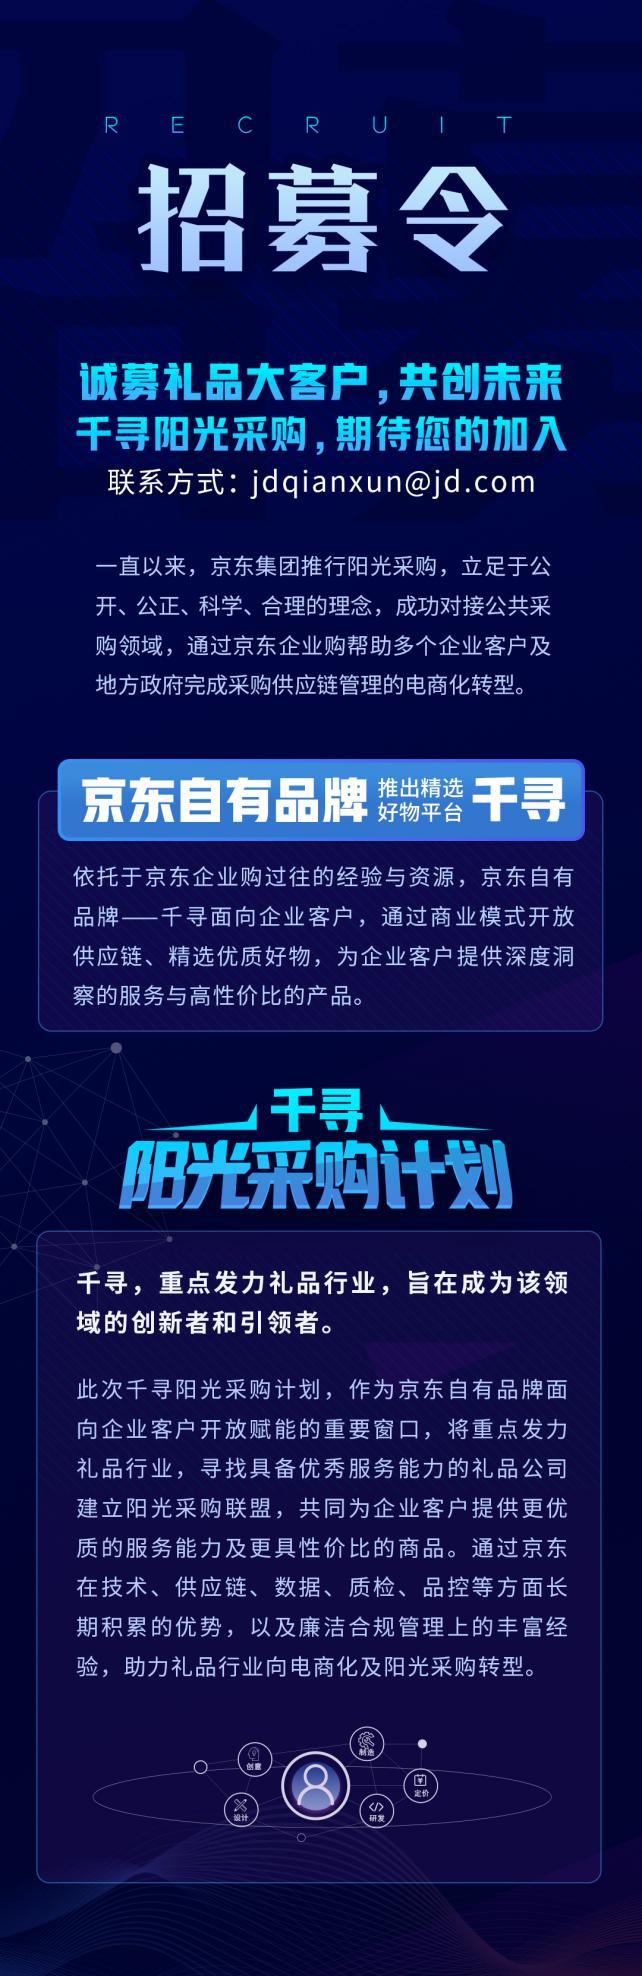 """京東自有品牌""""千尋""""正式對外招商,推出""""陽光采購計劃"""""""